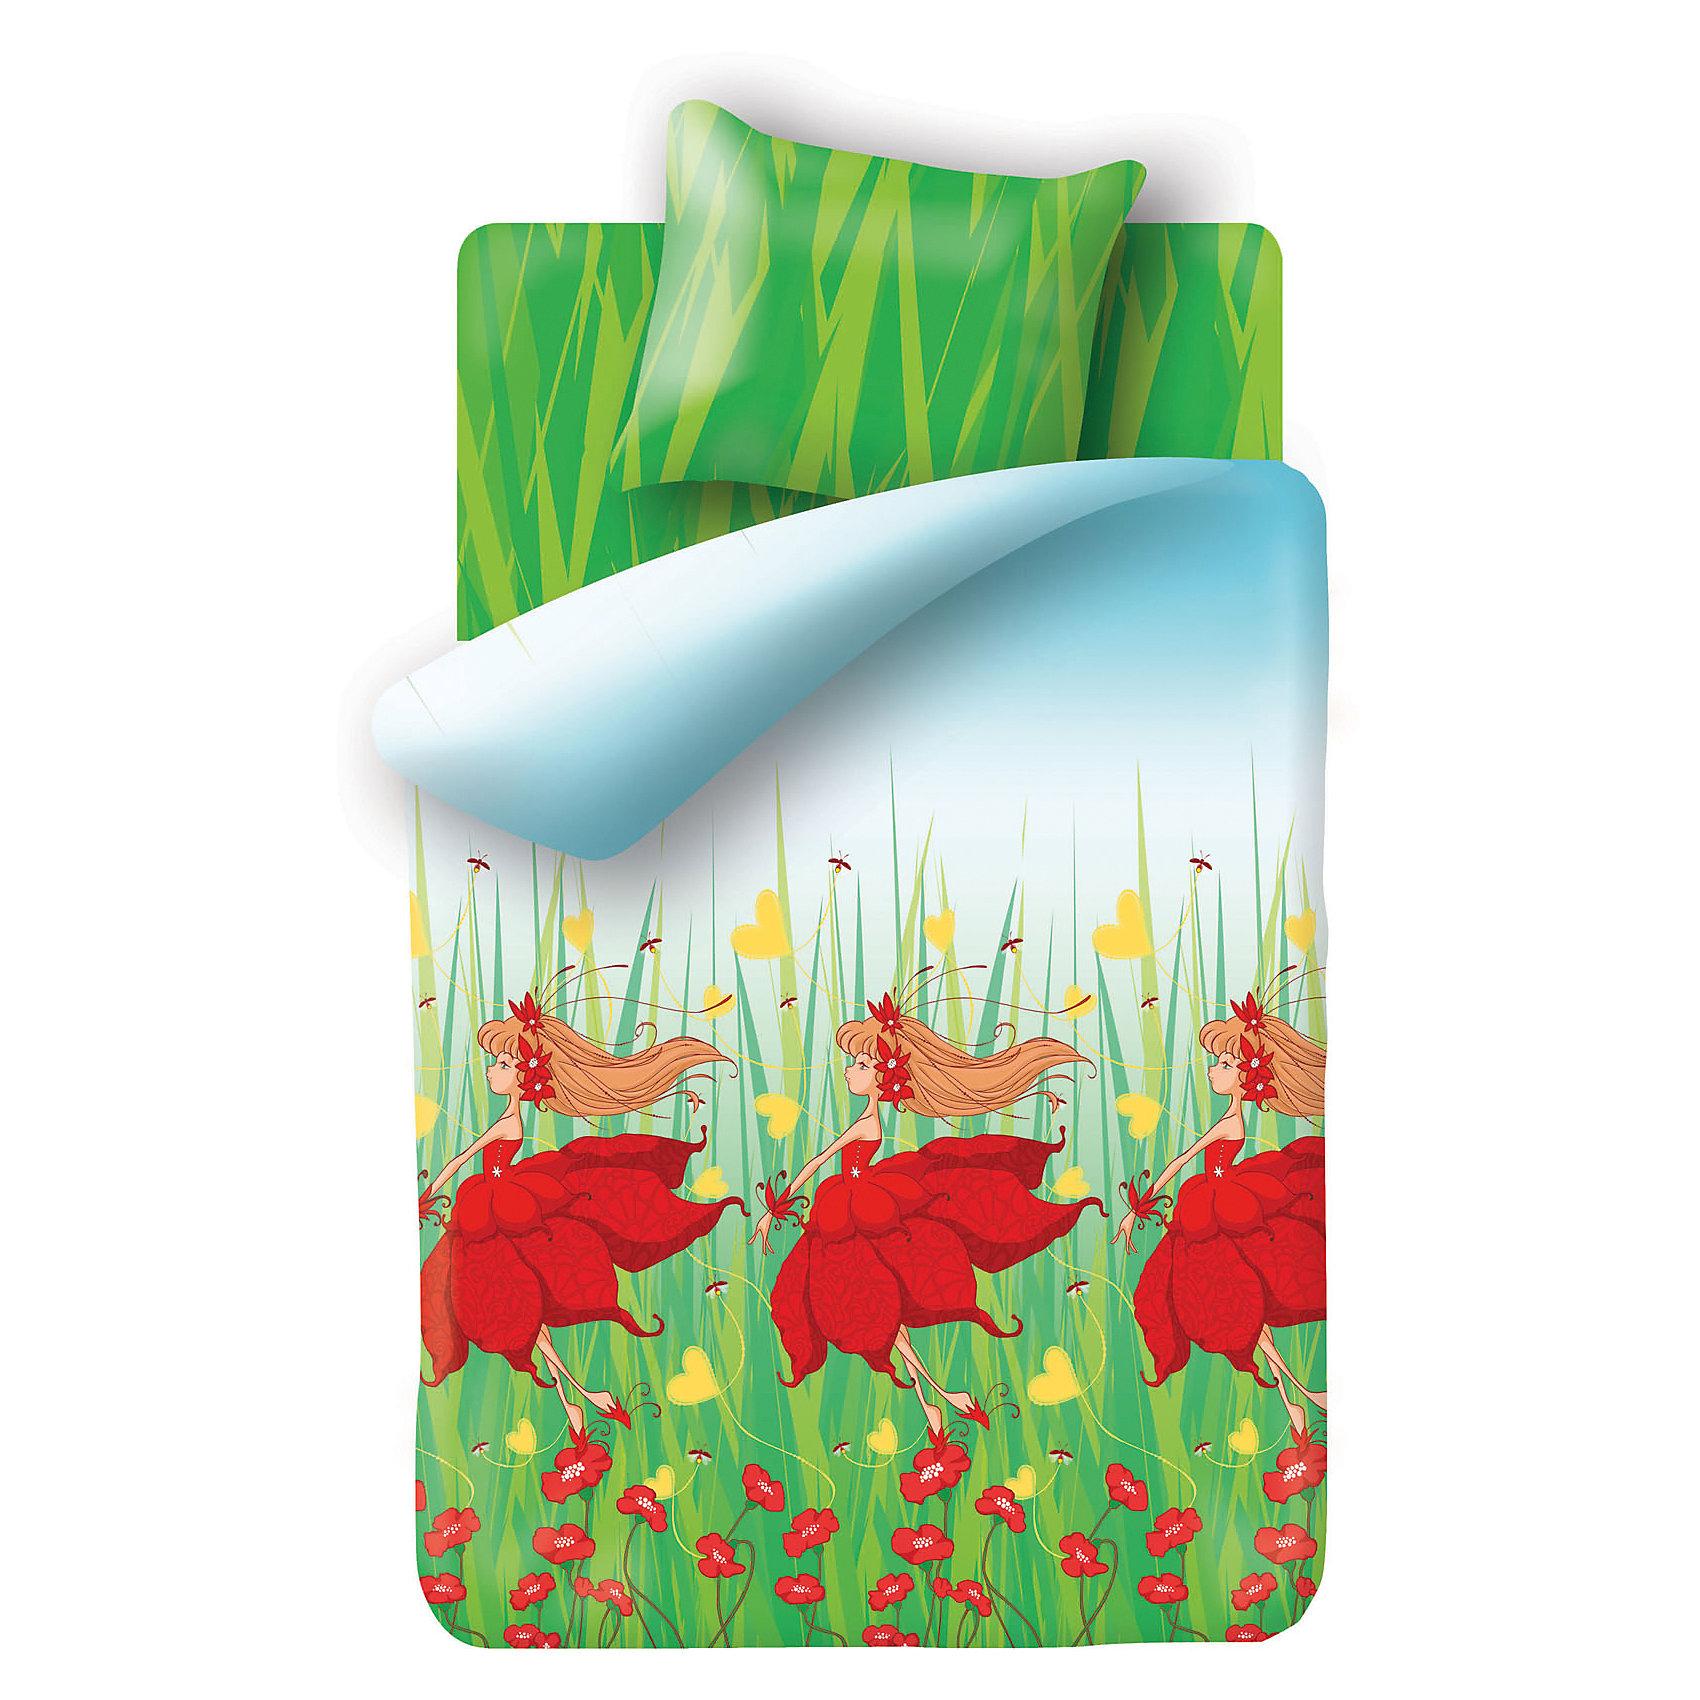 Комплект Фея лета 1,5-спальный (наволочка 70*70), НепоседаЭтот яркий комплект с изображениями очаровательных фей обязательно понравится девочкам. Комплект выполнен из натурального хлопка, очень приятен к телу, обладает высокой воздухопроницаемостью. В производстве ткани использованы высококачественные красители, не вызывающие аллергических реакций, сохраняющие яркость на протяжении всего времени эксплуатации. <br><br>Дополнительная информация:<br><br>- Материал бязь (хлопок 100%).<br>- Плотность ткани: 115 г/м2<br>- Комплектация: наволочка - 70х70 см, простыня - 214х150 см, пододеяльник - 215х143 см.  <br>- Размер: наволочка (1 шт), простыня (1 шт), пододеяльник (1 шт). <br>- Декоративные элементы: принт. <br><br>Комплект Фея лета 1,5-спальный (наволочка 70х70), Непоседа, можно купить в нашем магазине.<br><br>Ширина мм: 250<br>Глубина мм: 350<br>Высота мм: 70<br>Вес г: 1500<br>Возраст от месяцев: 36<br>Возраст до месяцев: 144<br>Пол: Женский<br>Возраст: Детский<br>SKU: 4358344